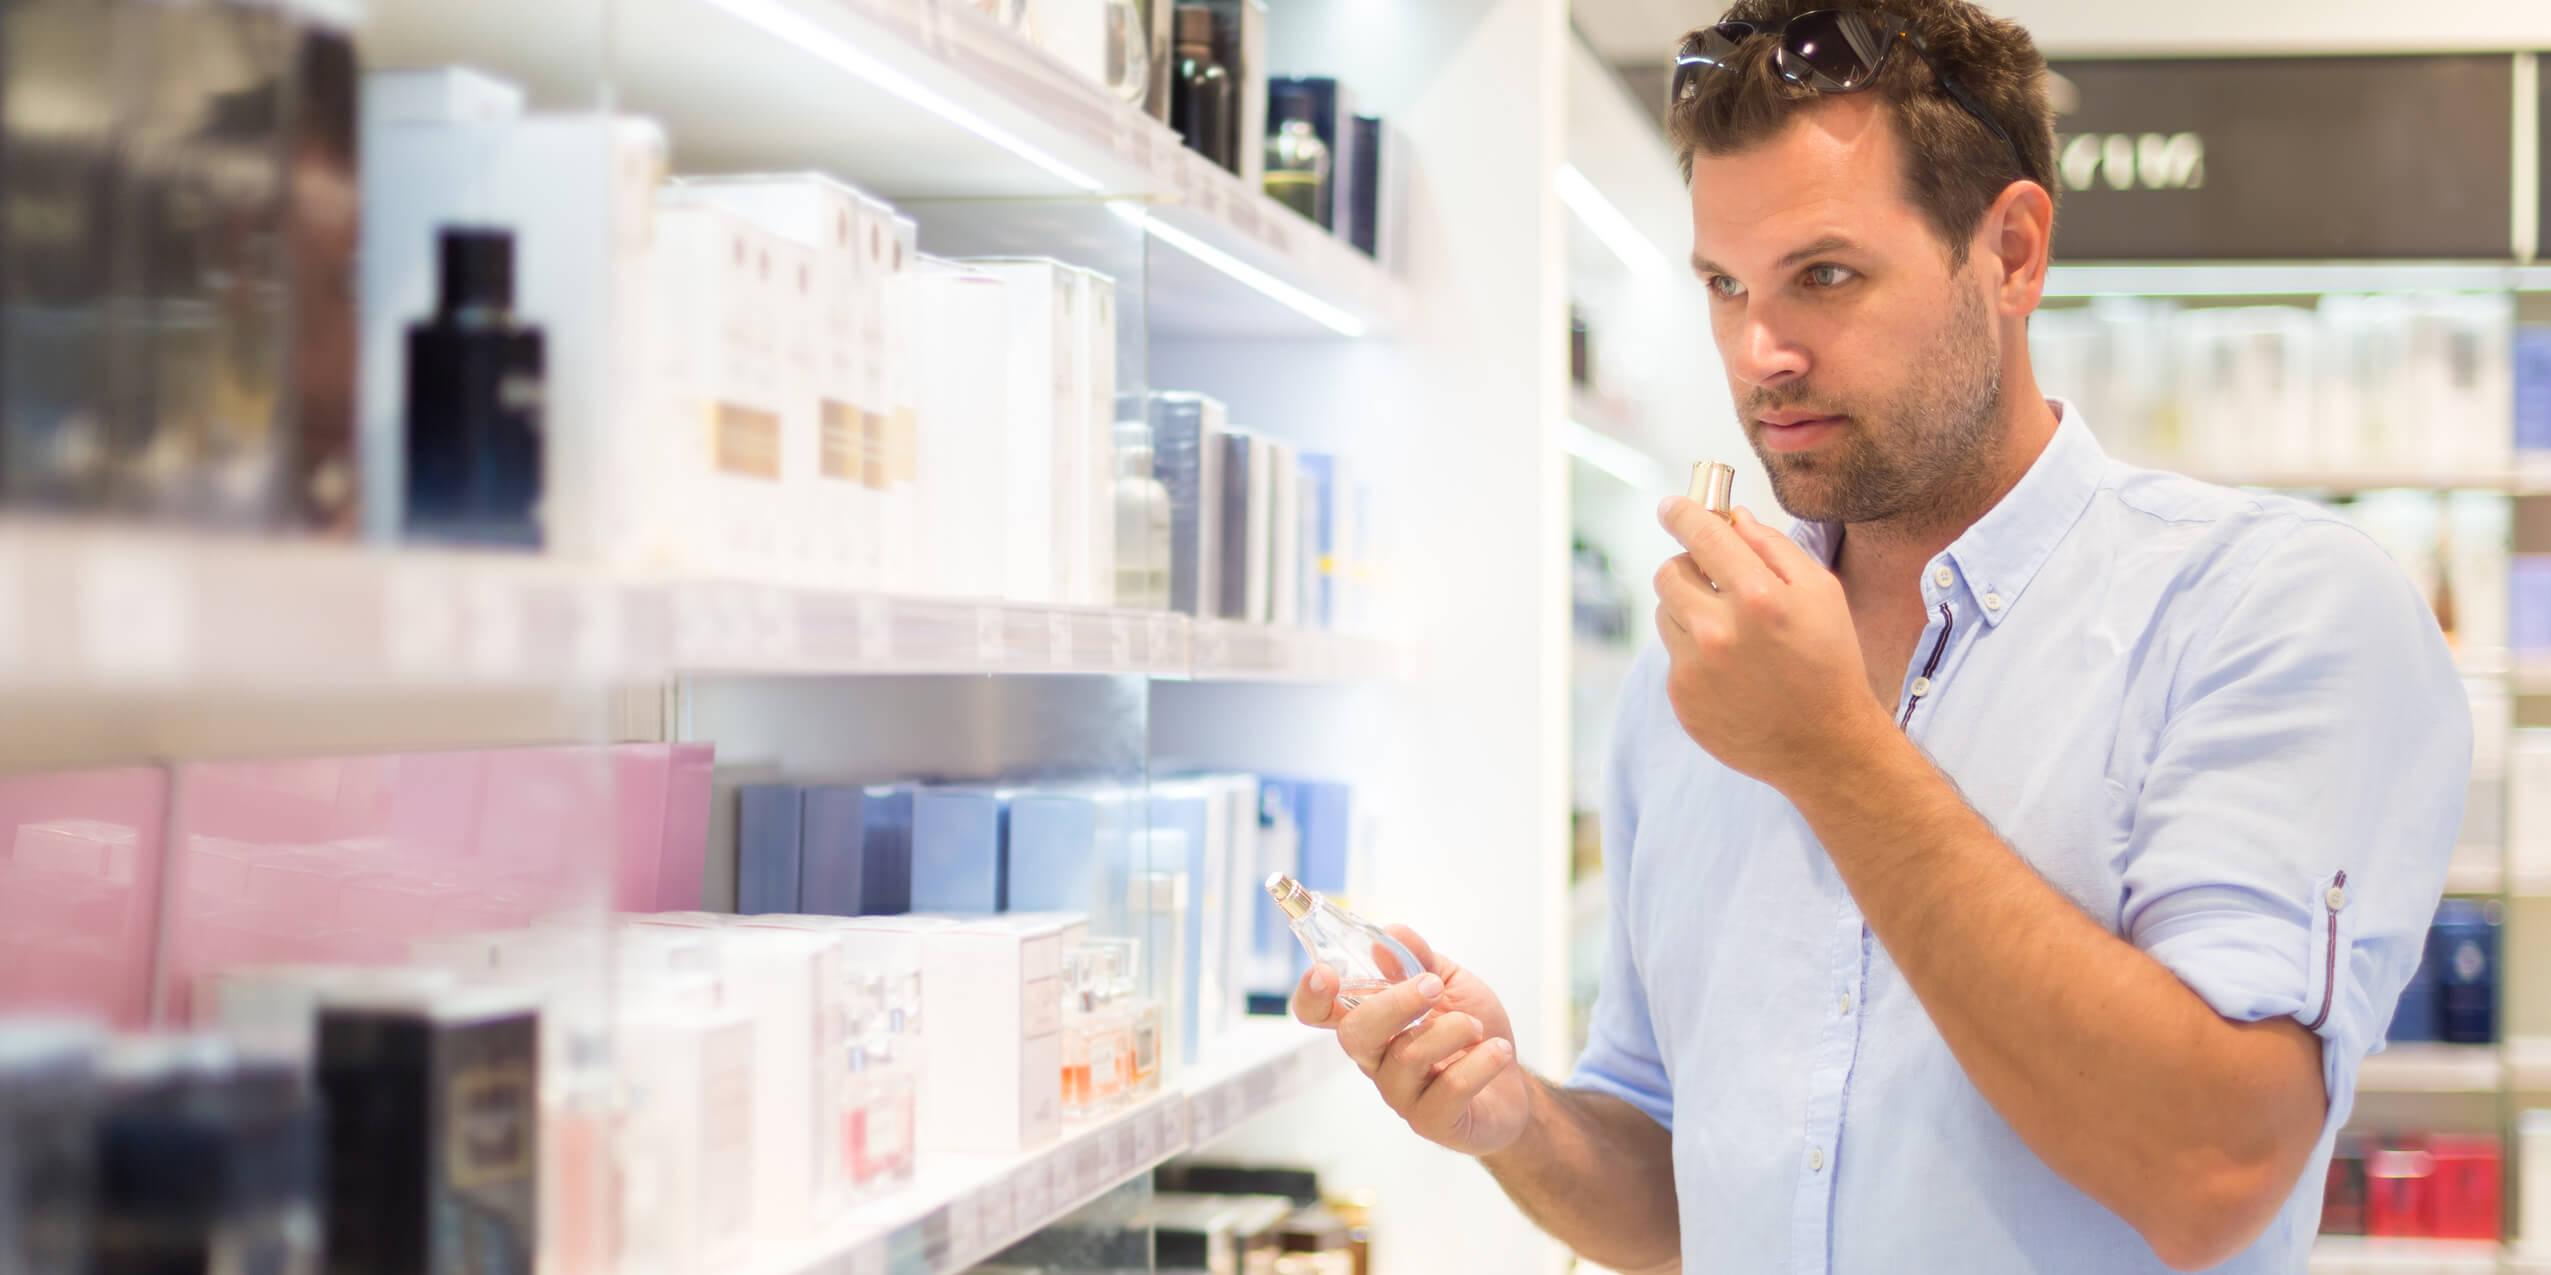 در خرید عطر و ادکلن به سلیقه خودتان اهمیت دهید